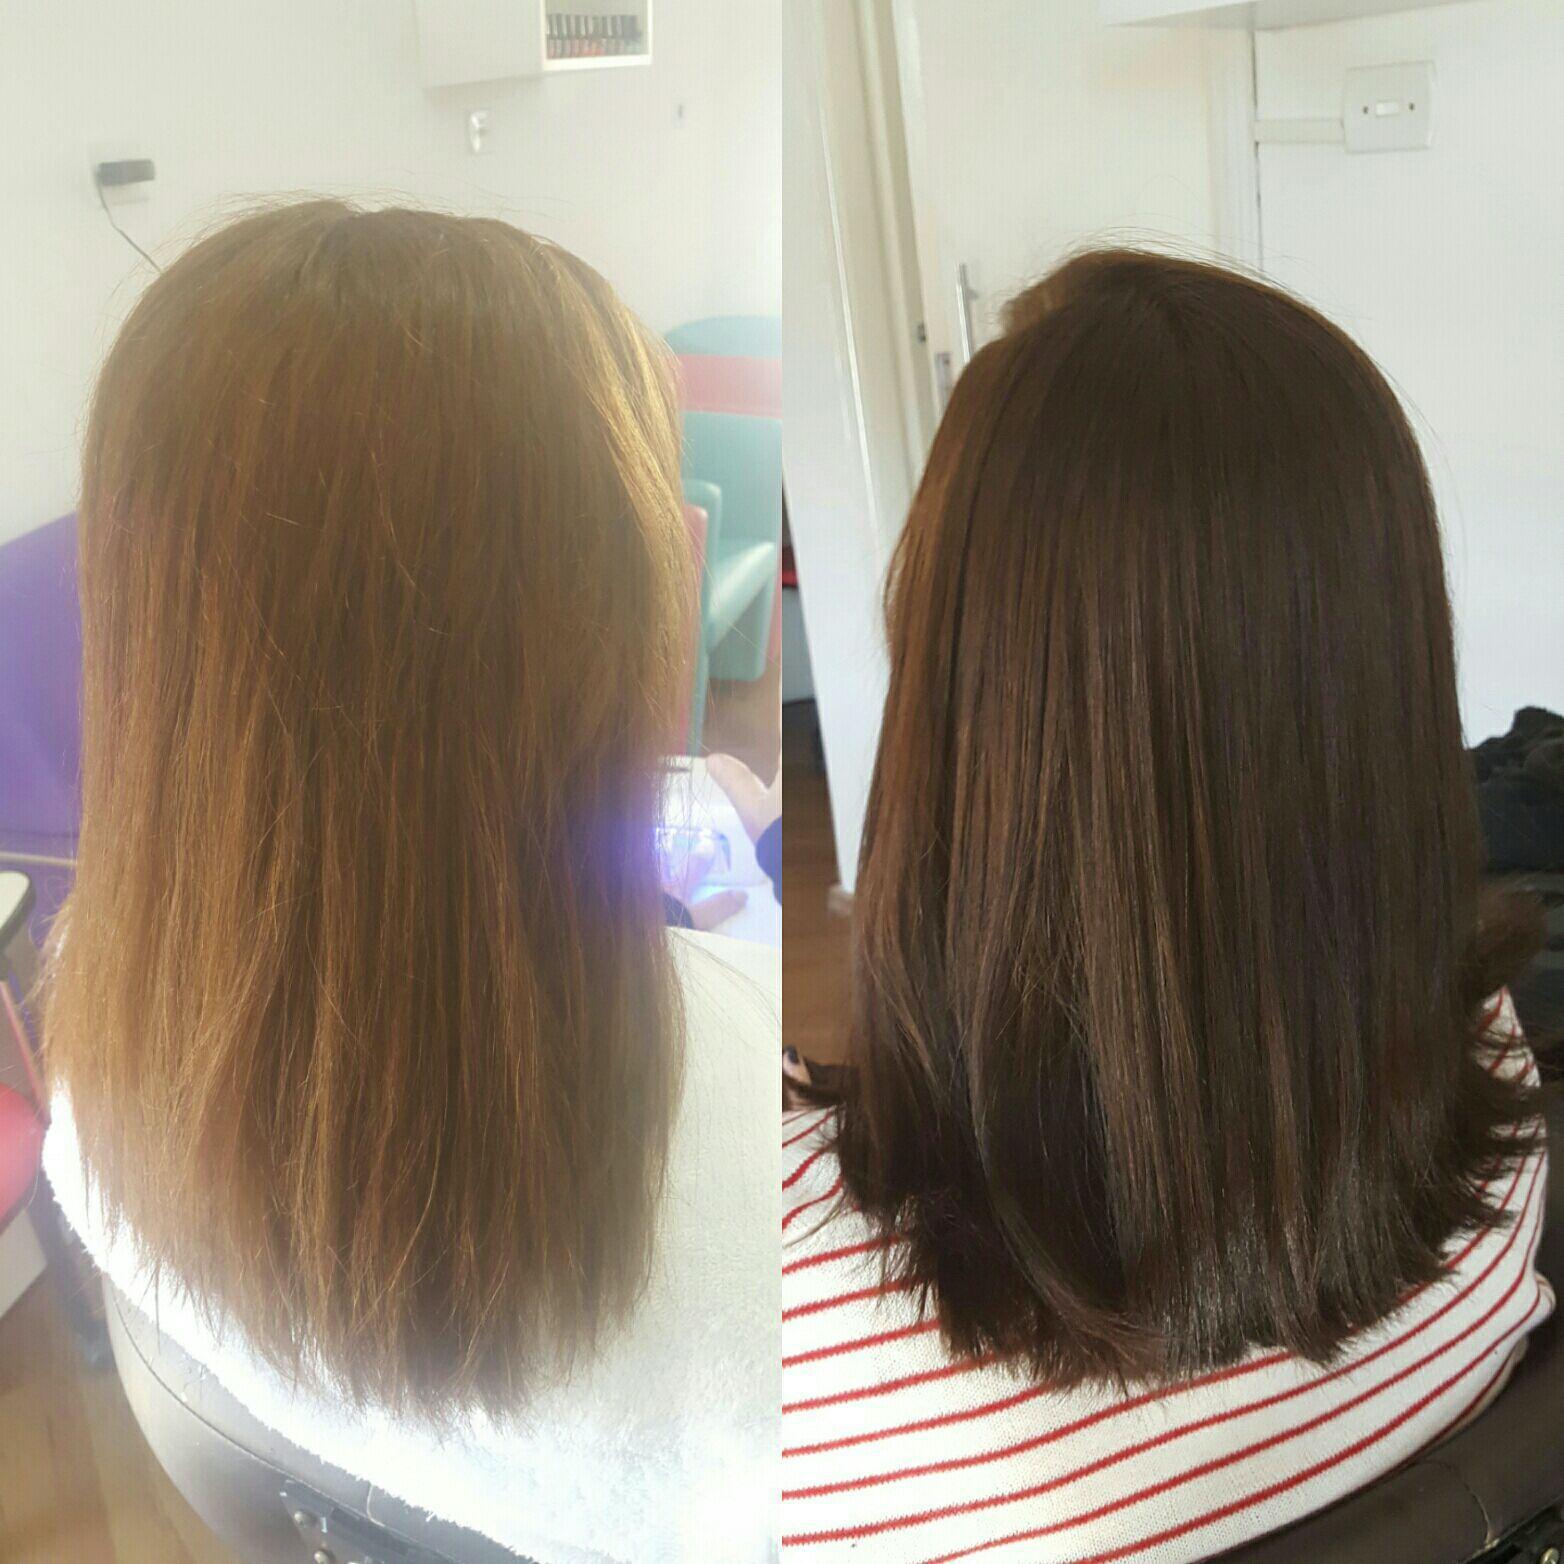 Coloração + corte cabelo cabeleireiro(a) maquiador(a) micropigmentador(a)